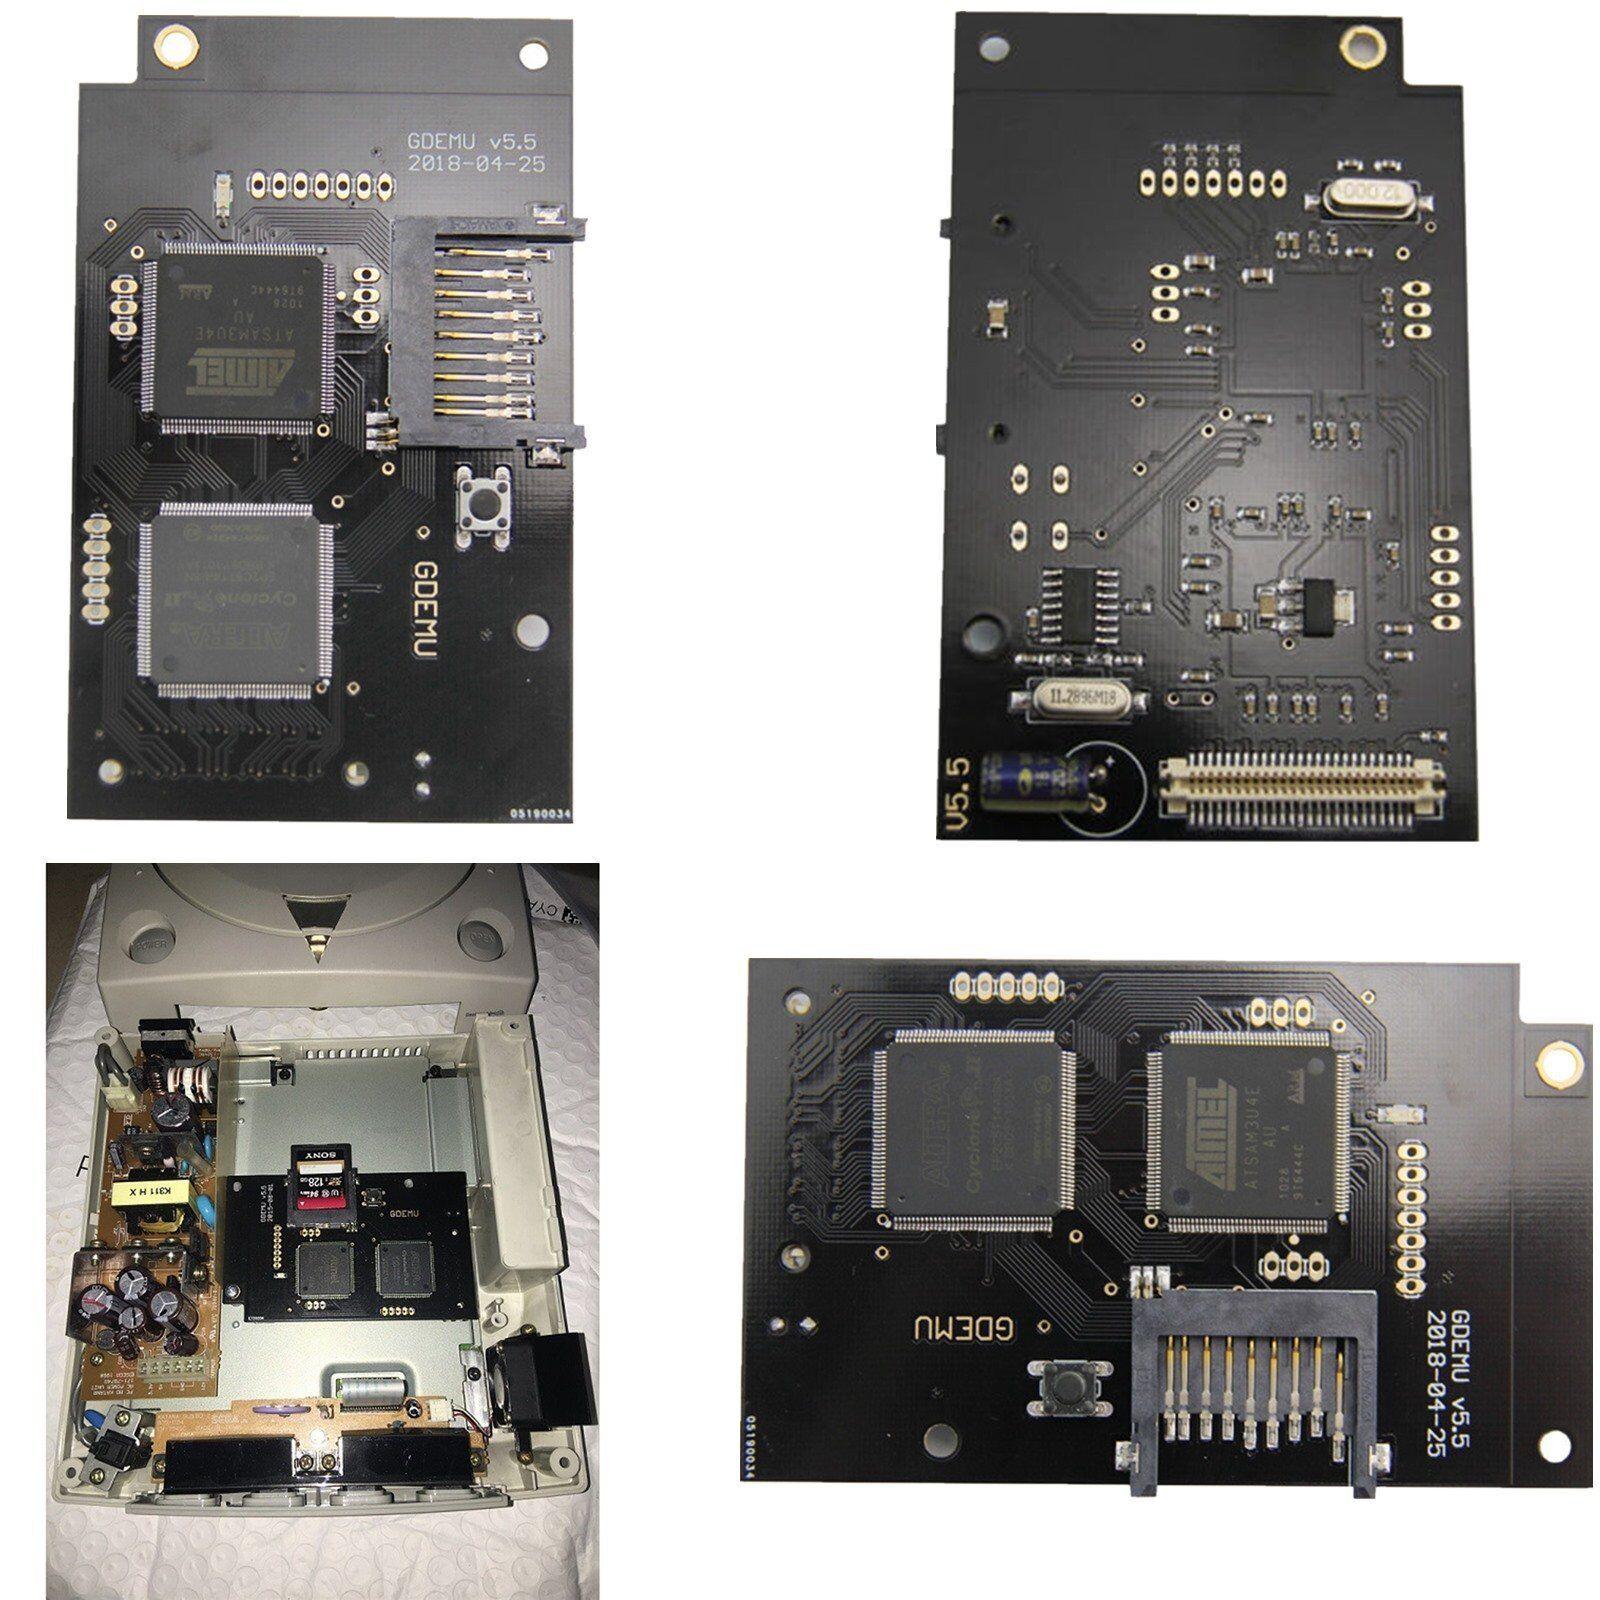 Placa de simulación de unidad óptica gdemu para máquina de juego VA1 DC ejecutar GDI, CDI imagen